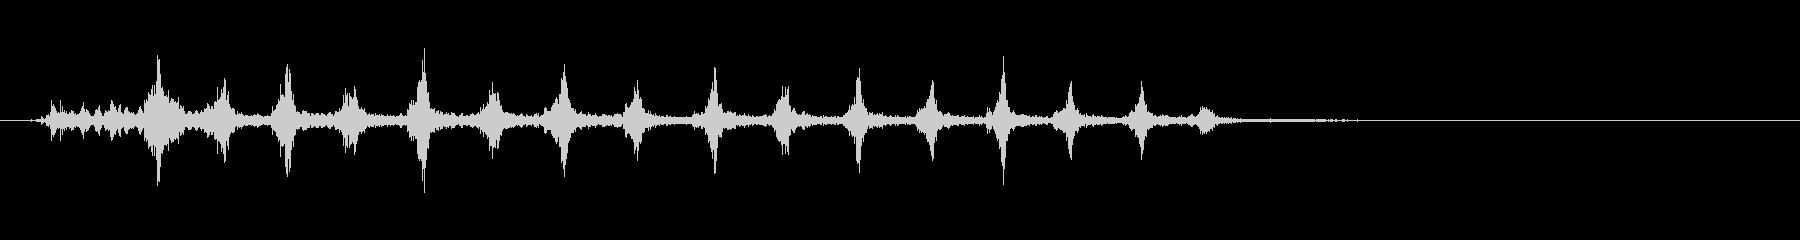 シャカシャカシャカシャカ~連射~の未再生の波形